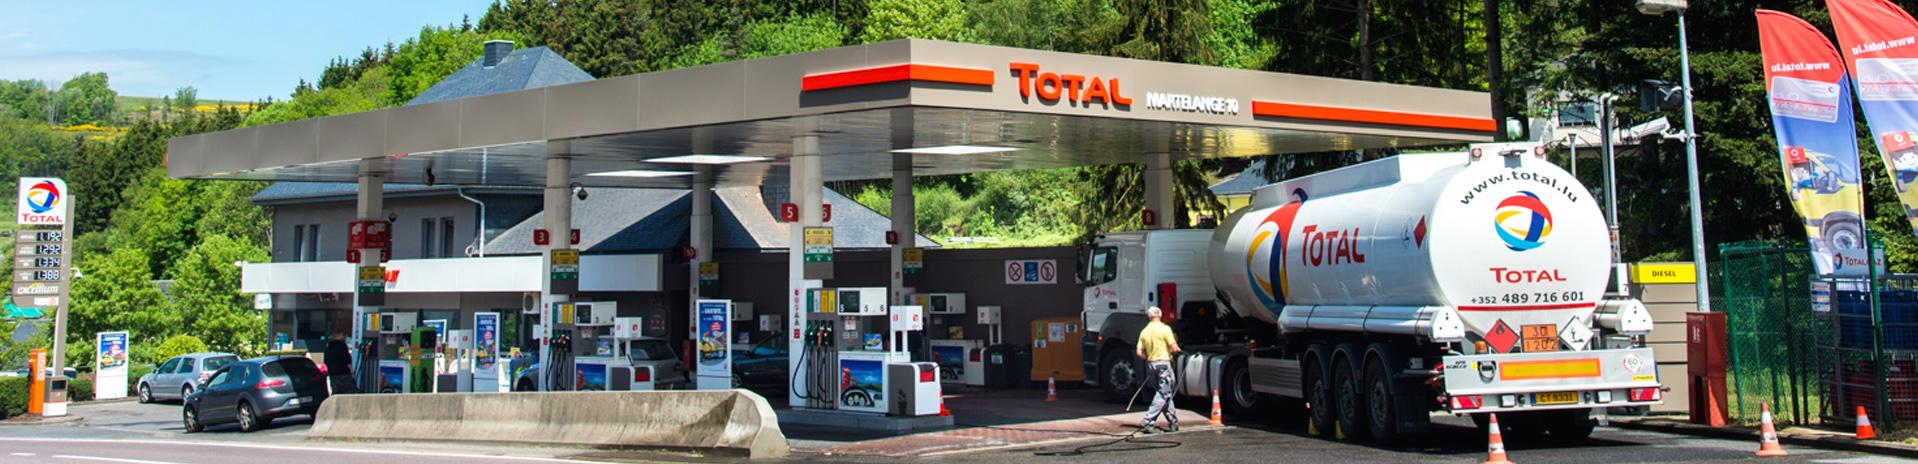 Meine Total-Tankstelle